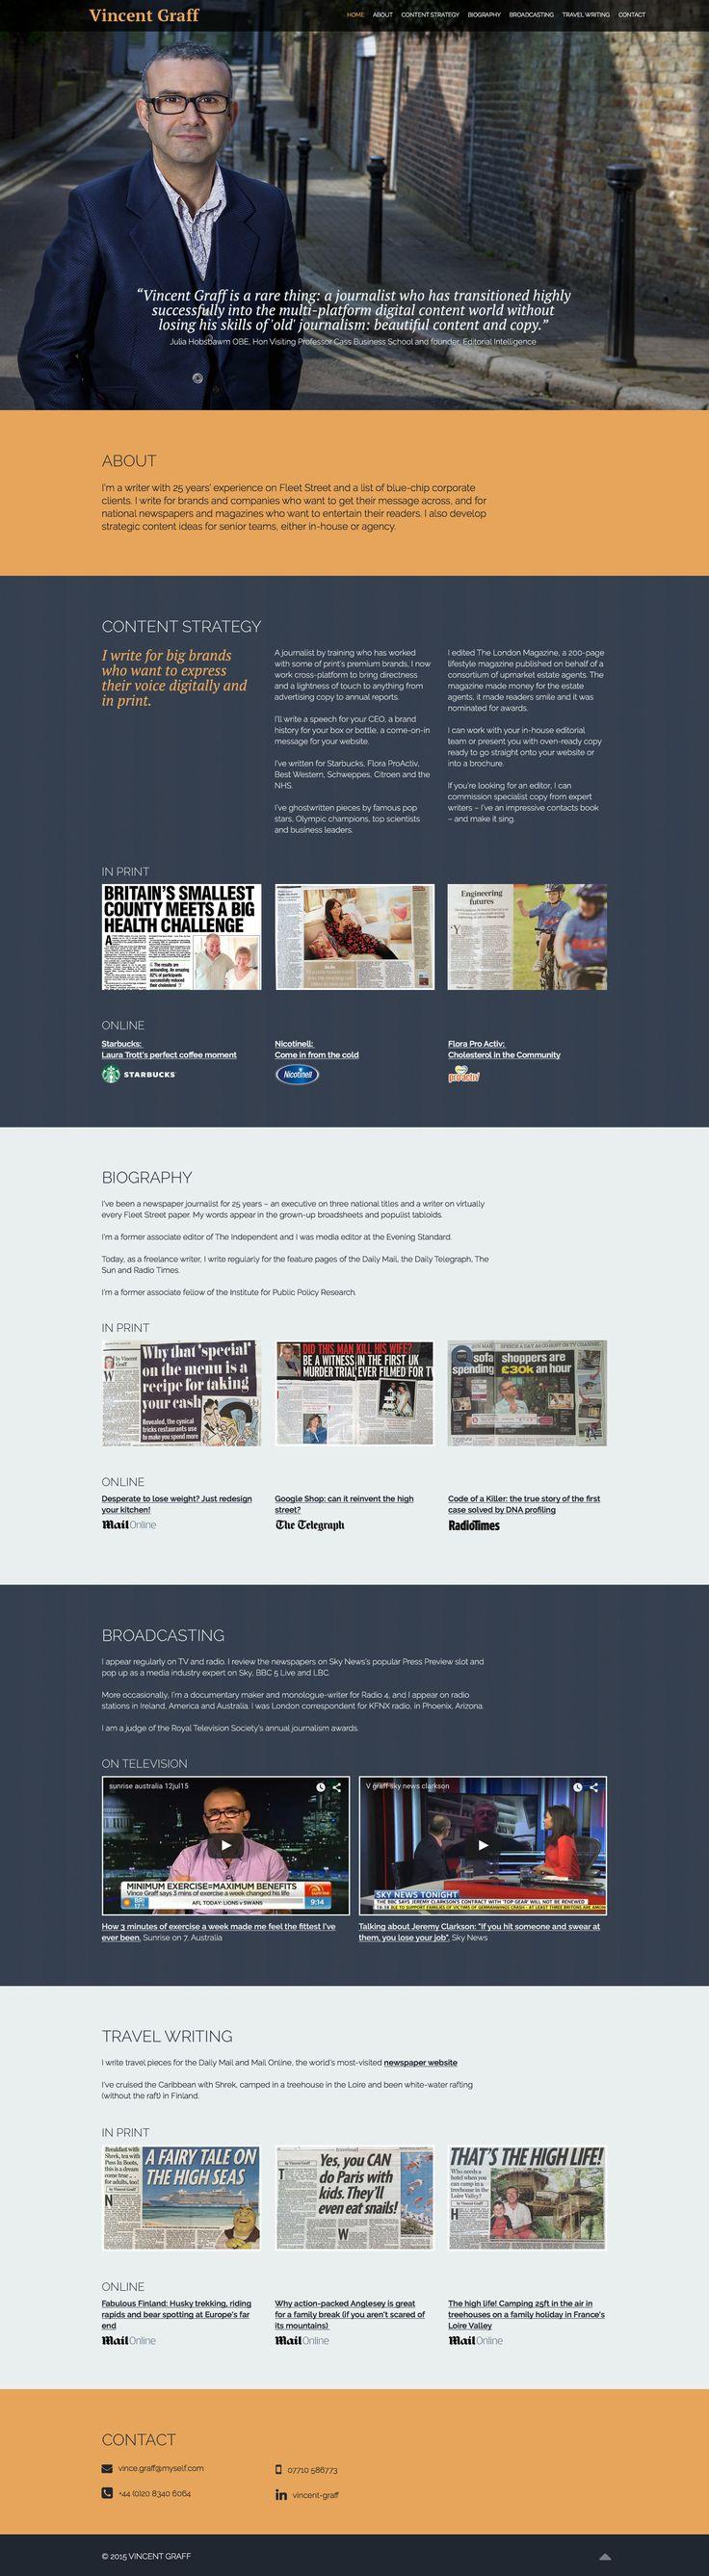 A new website for Vincent Graff